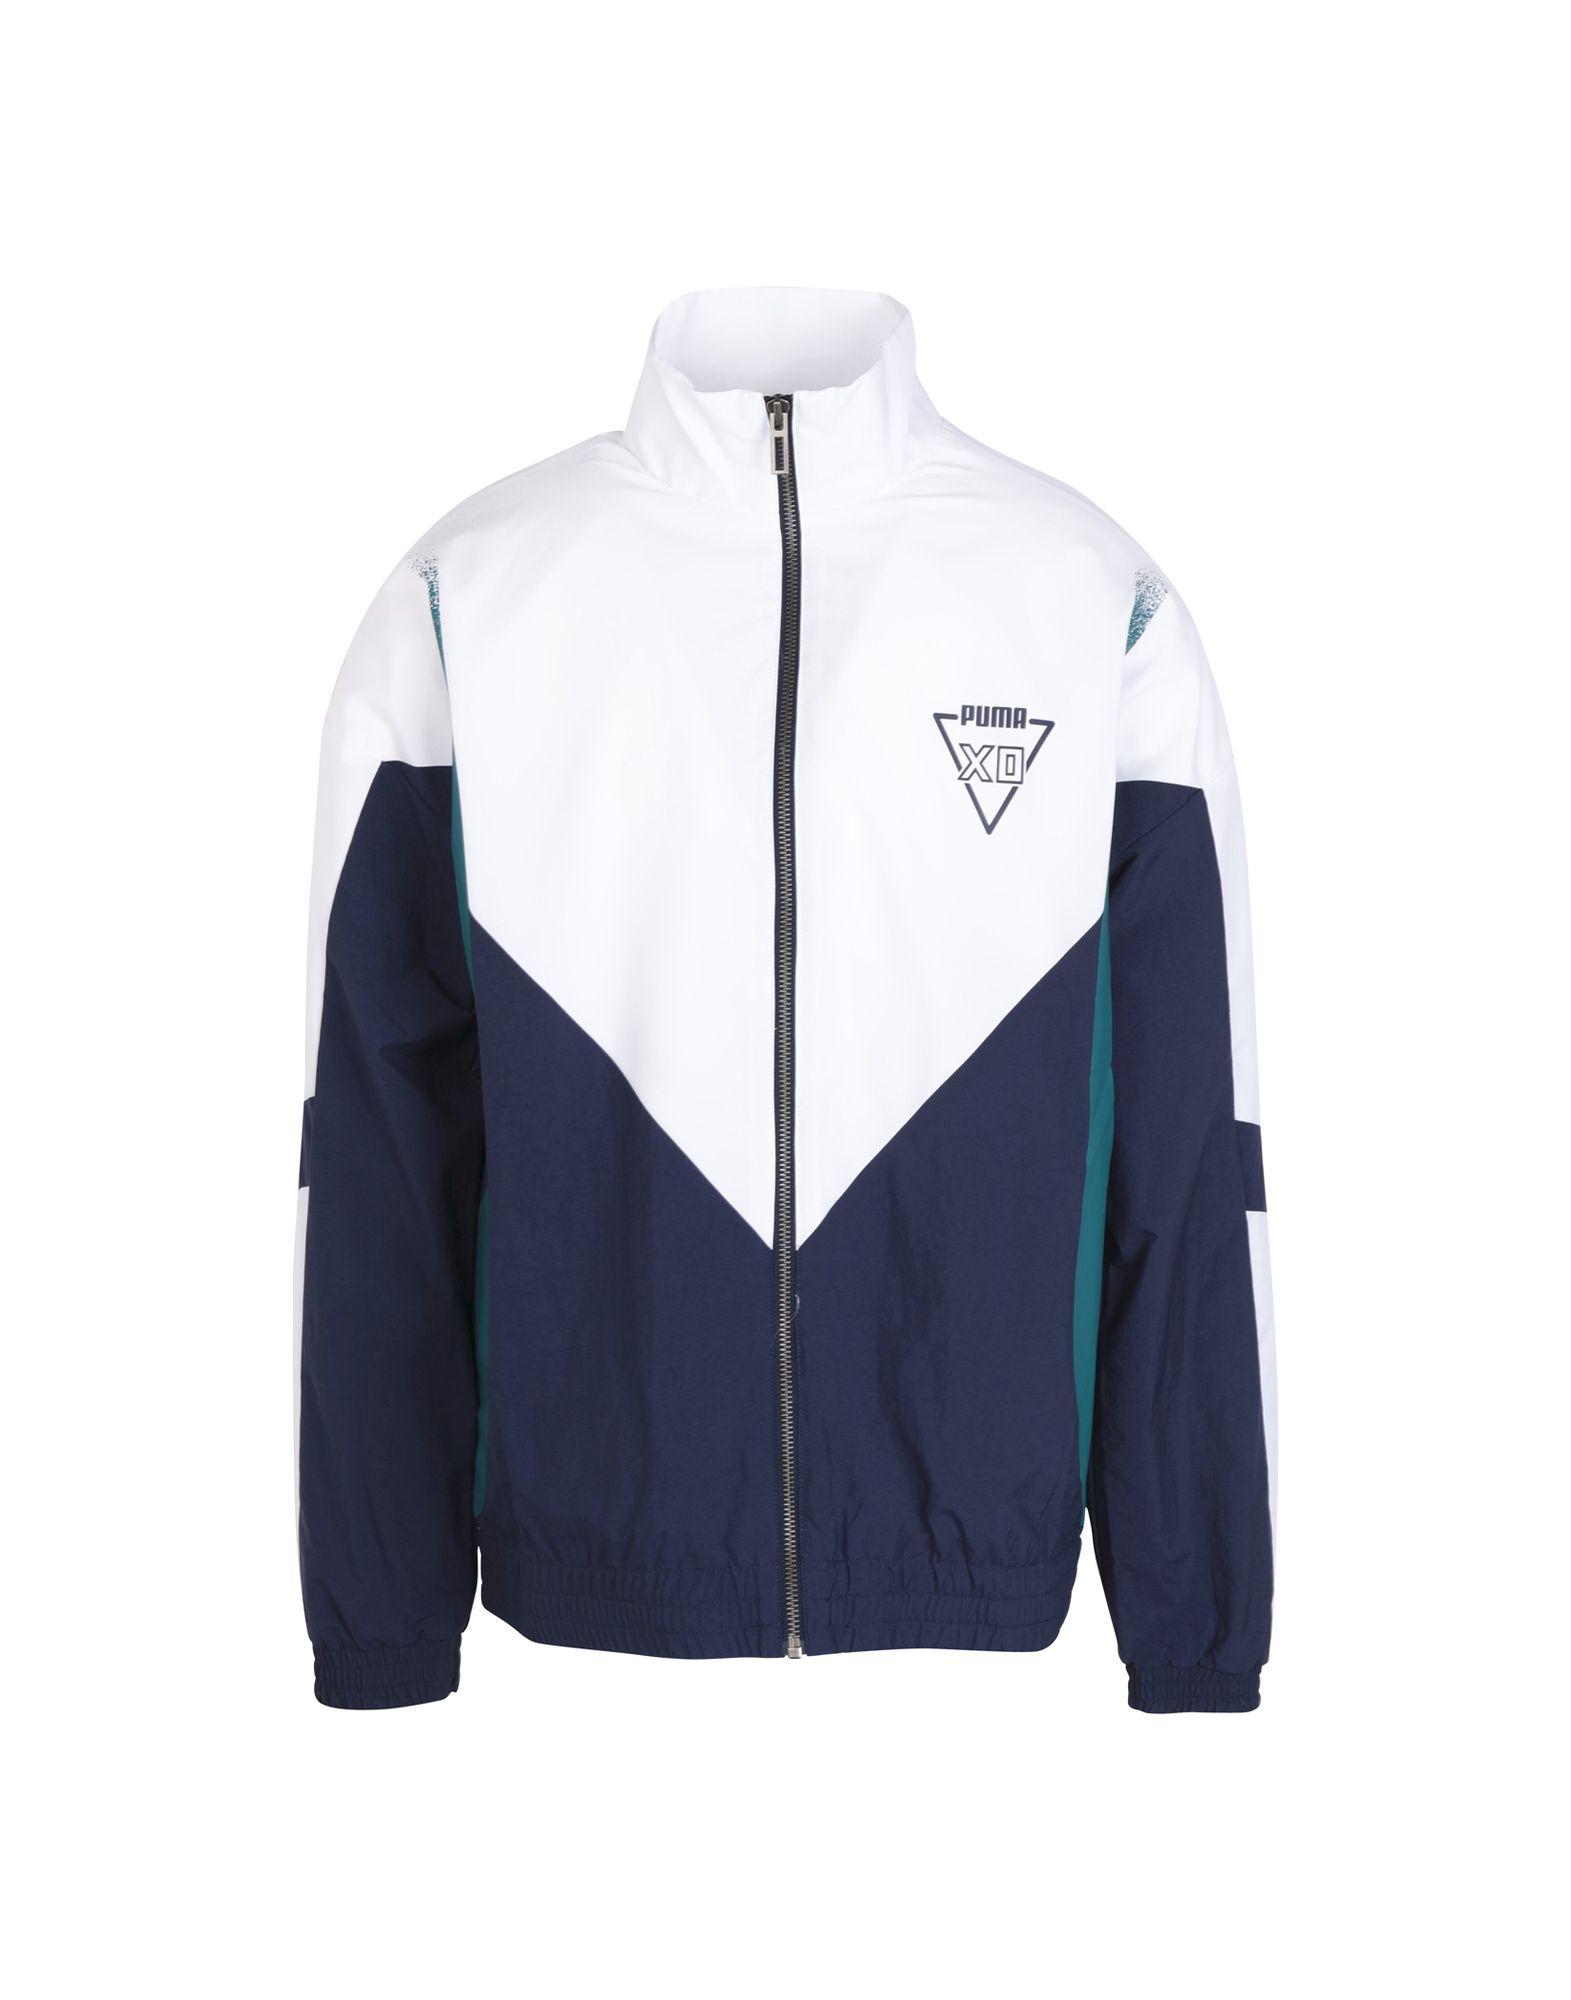 PUMA x XO Куртка все цены